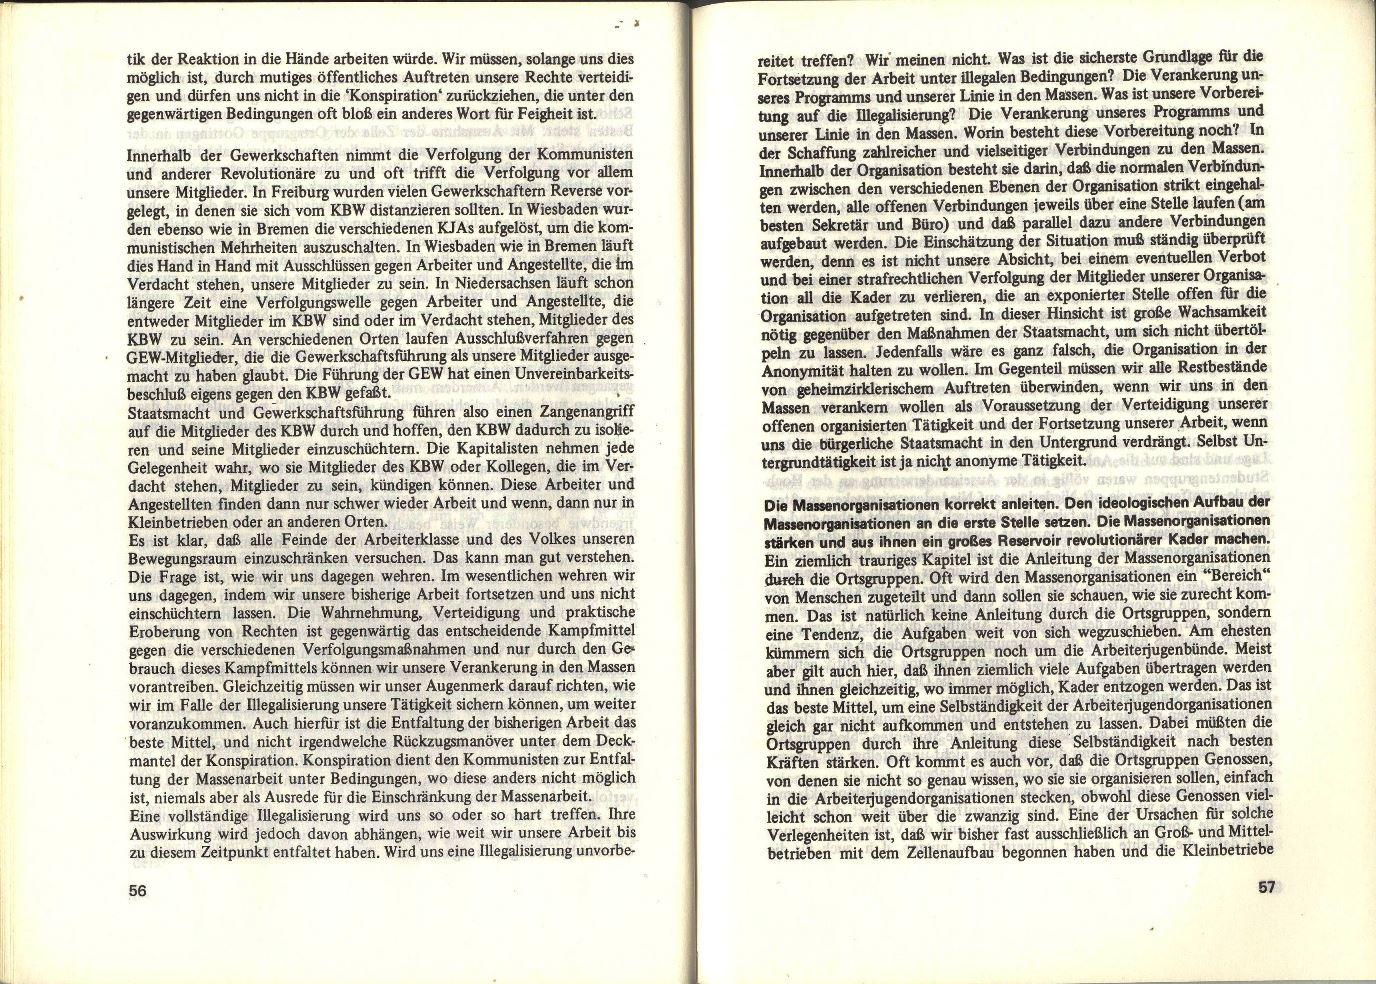 KBW_1974_Politischer_Bericht030